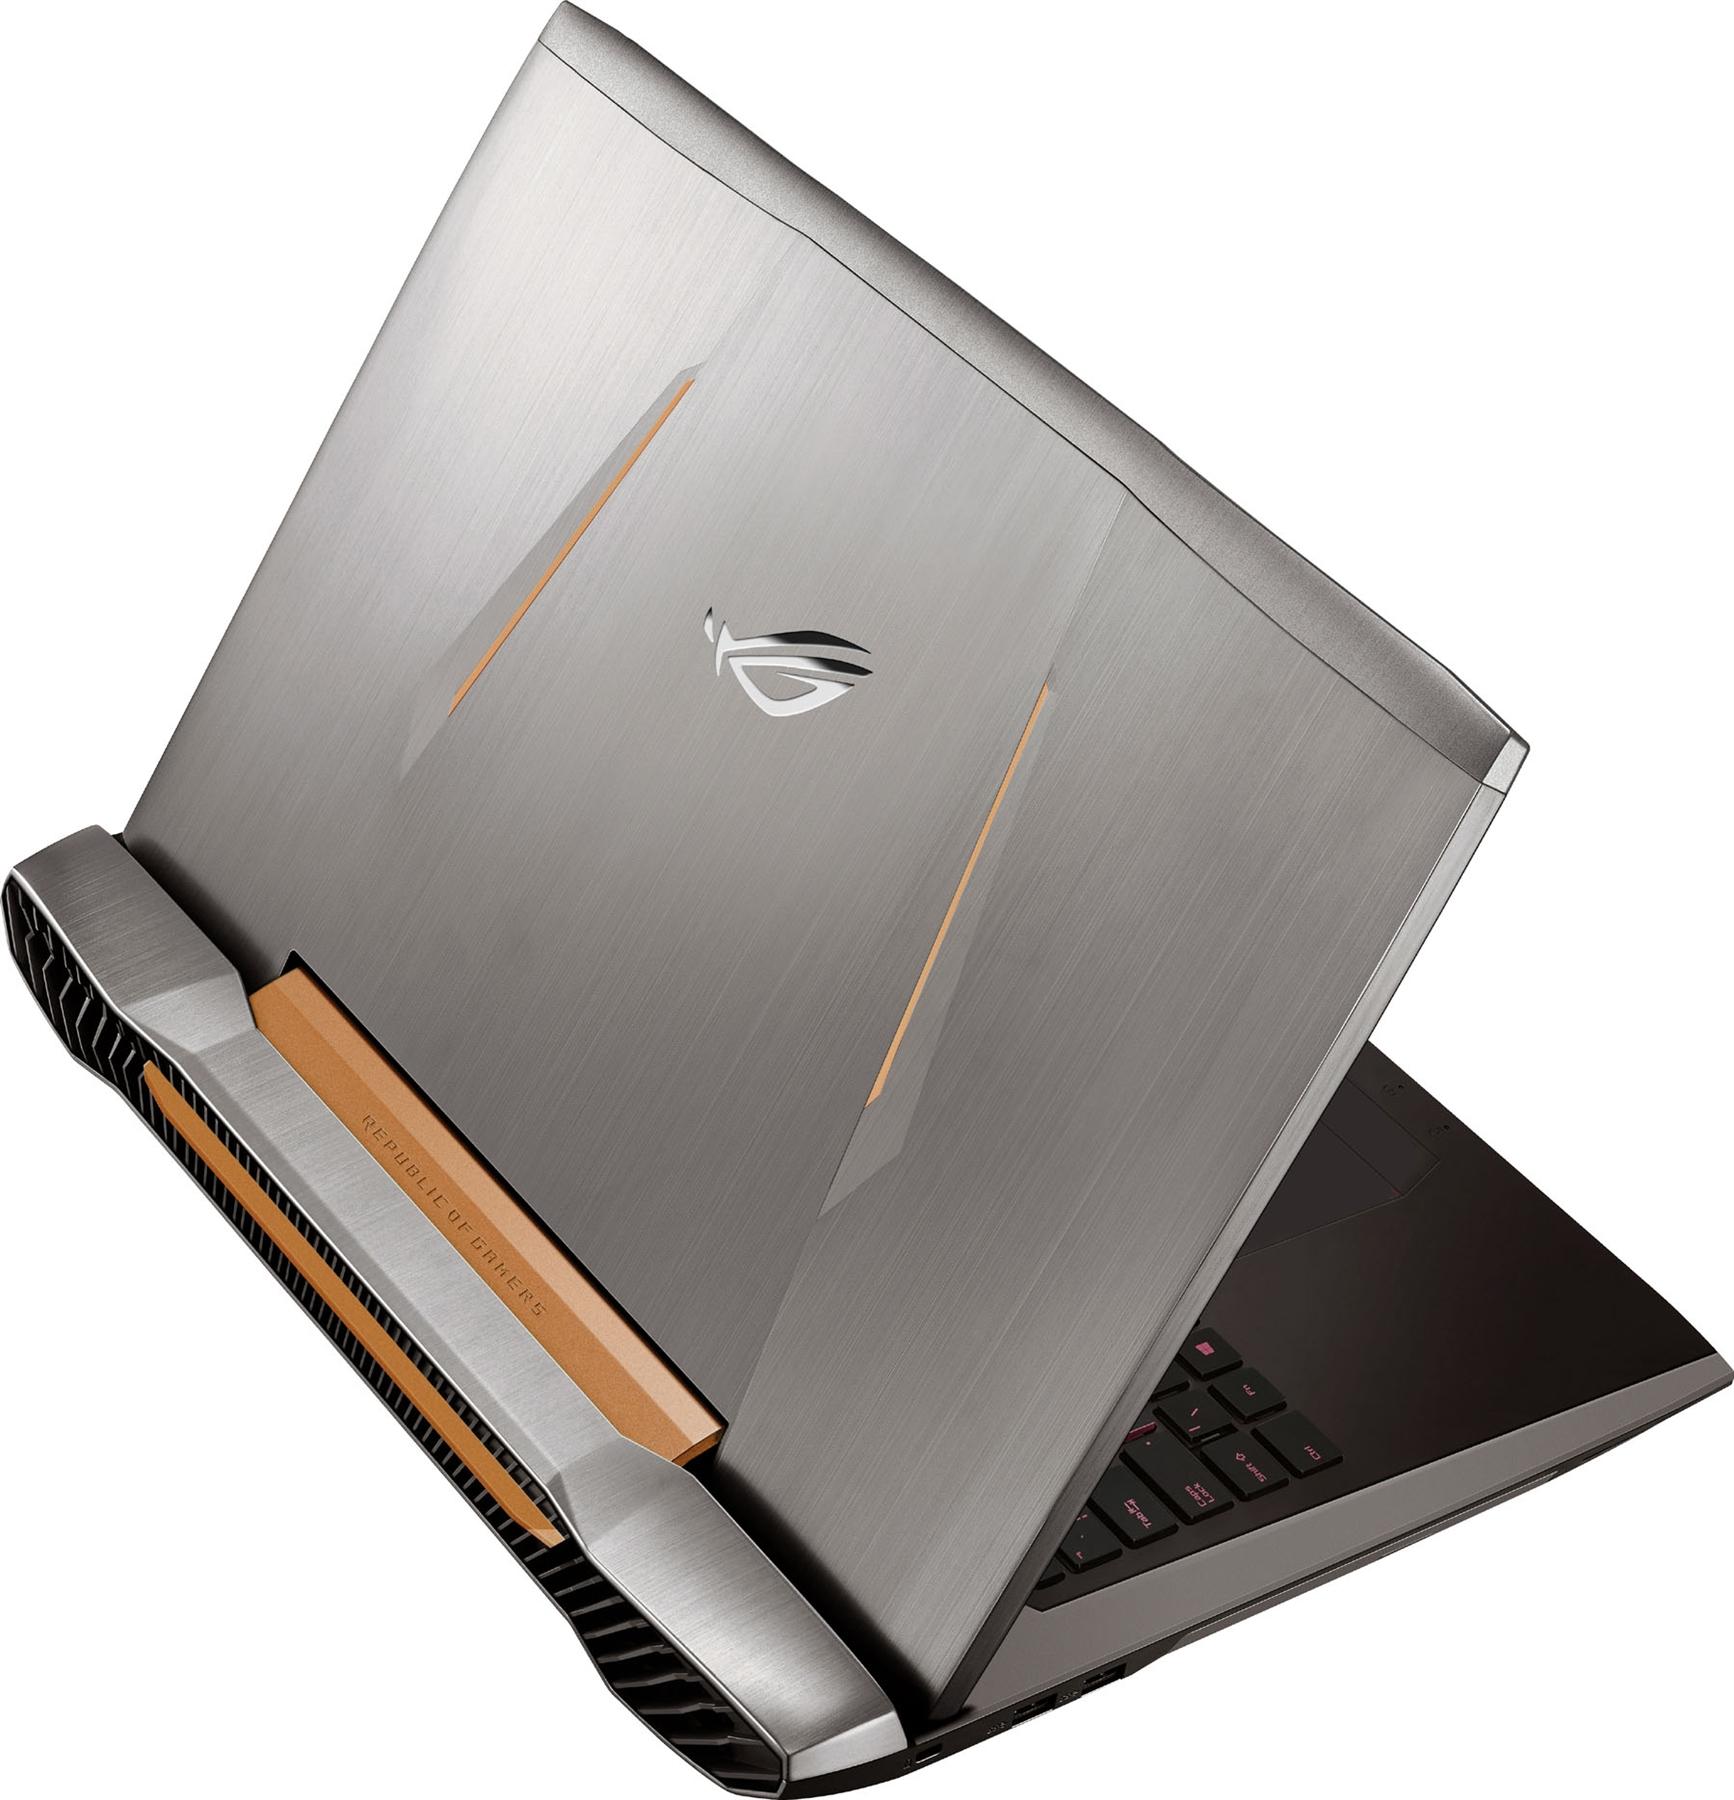 Asus ROG G752 G752 Asus G752VY Gaming Laptop NVidia GTX980M